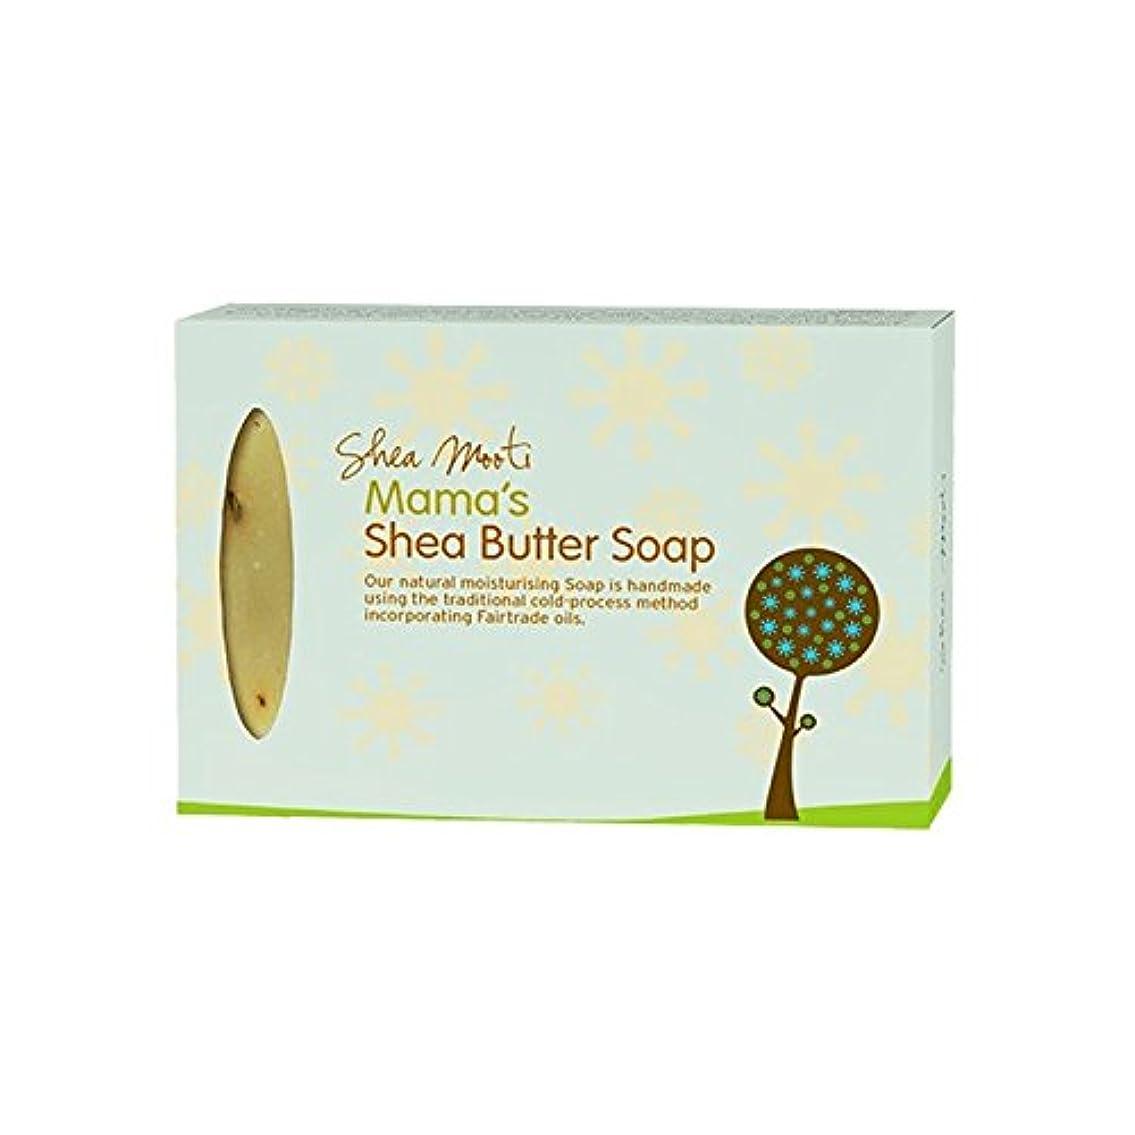 知覚する送料政治家のシアバターMootiママのシアバターソープ100グラム - Shea Mooti Mama's Shea Butter Soap 100g (Shea Mooti) [並行輸入品]